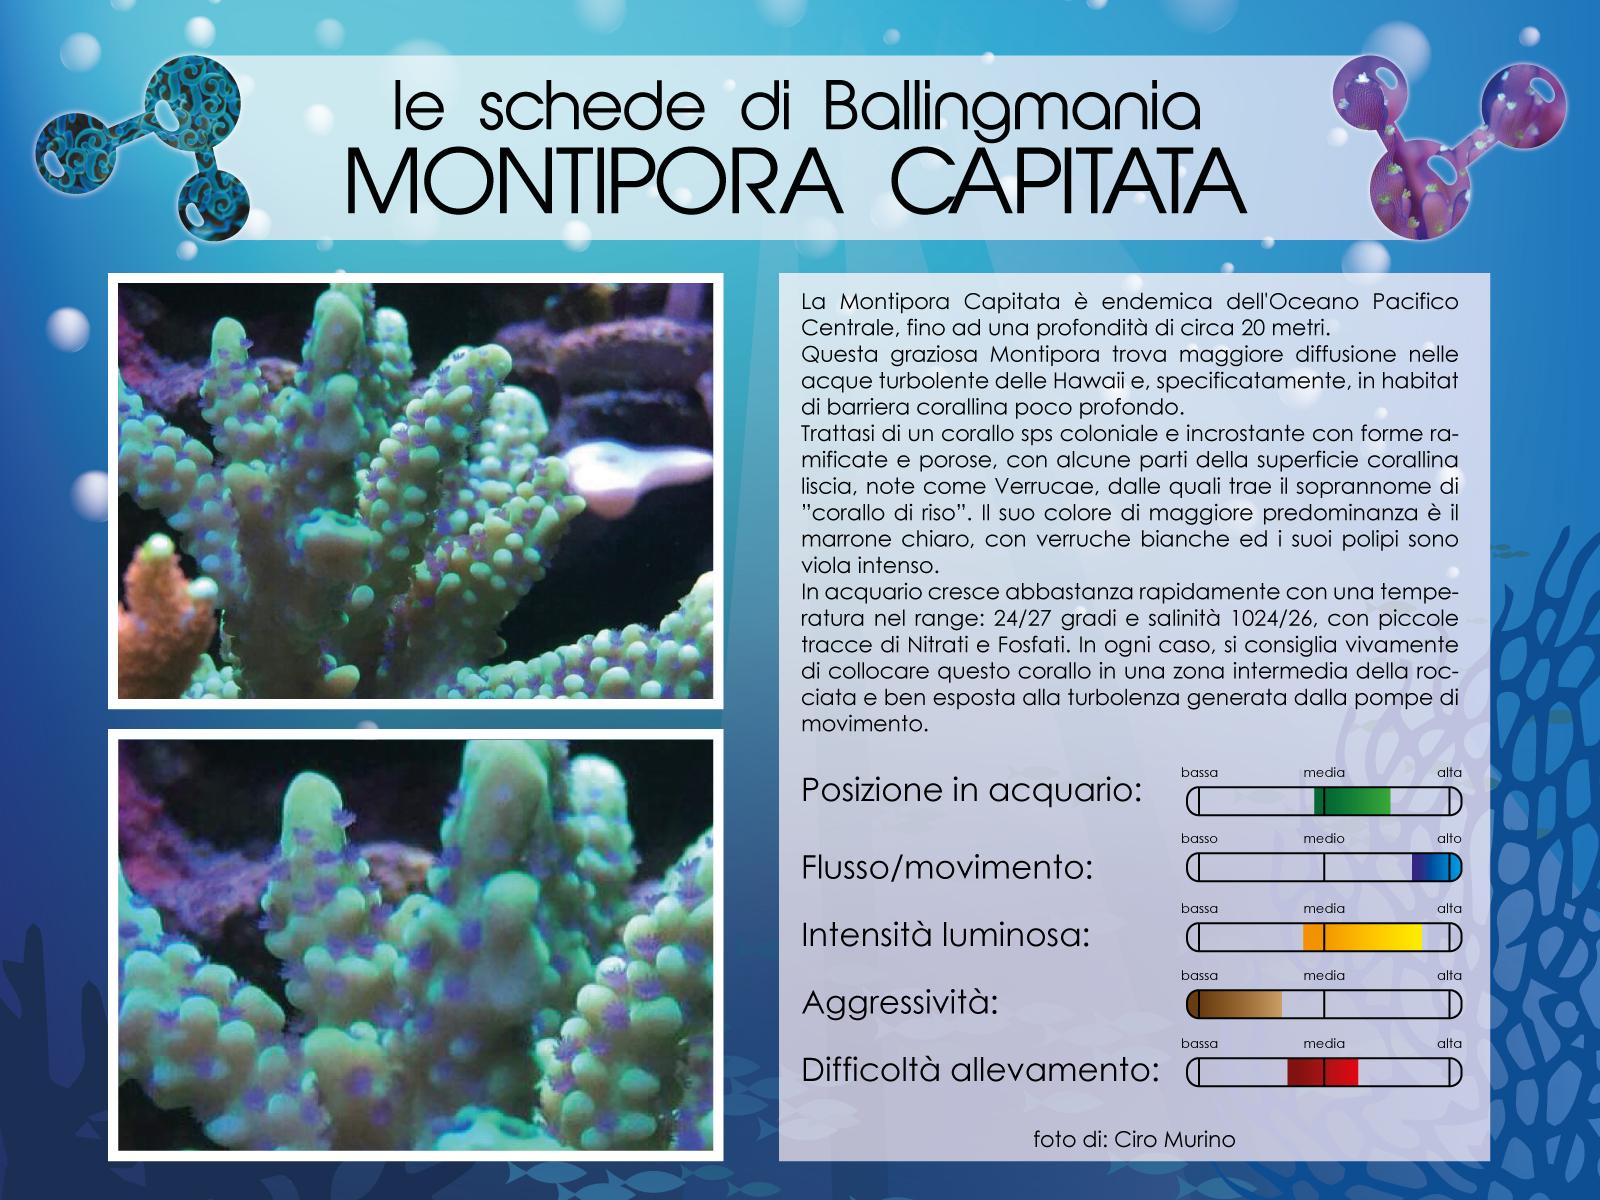 Montipora Capitata